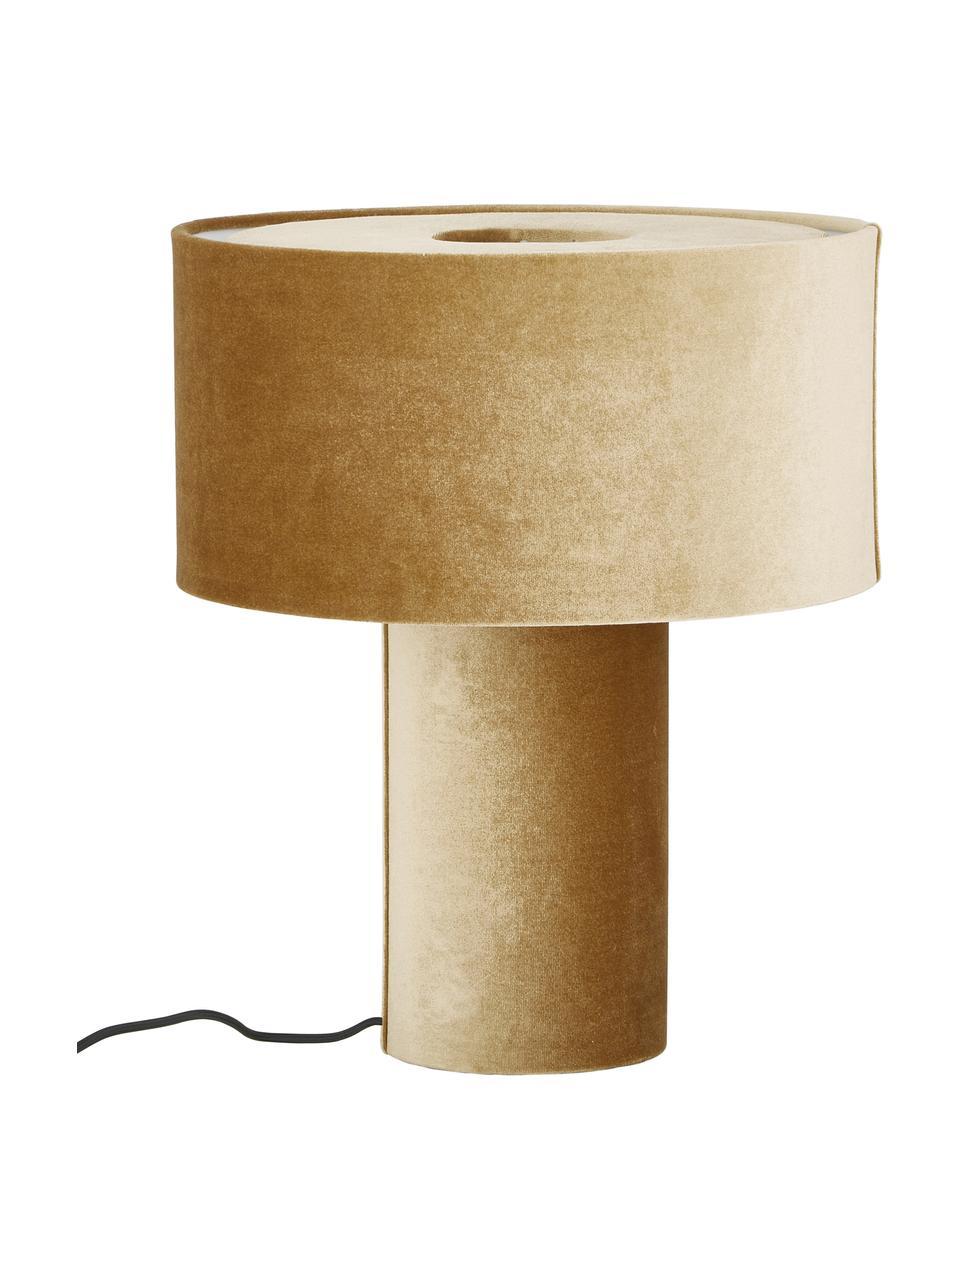 Fluwelen tafellamp Frida in mosterdgeel, Lampvoet: kunststof met fluwelen be, Lampenkap: fluweel, Diffuser: fluweel, Mosterdgeel, Ø 30 x H 36 cm